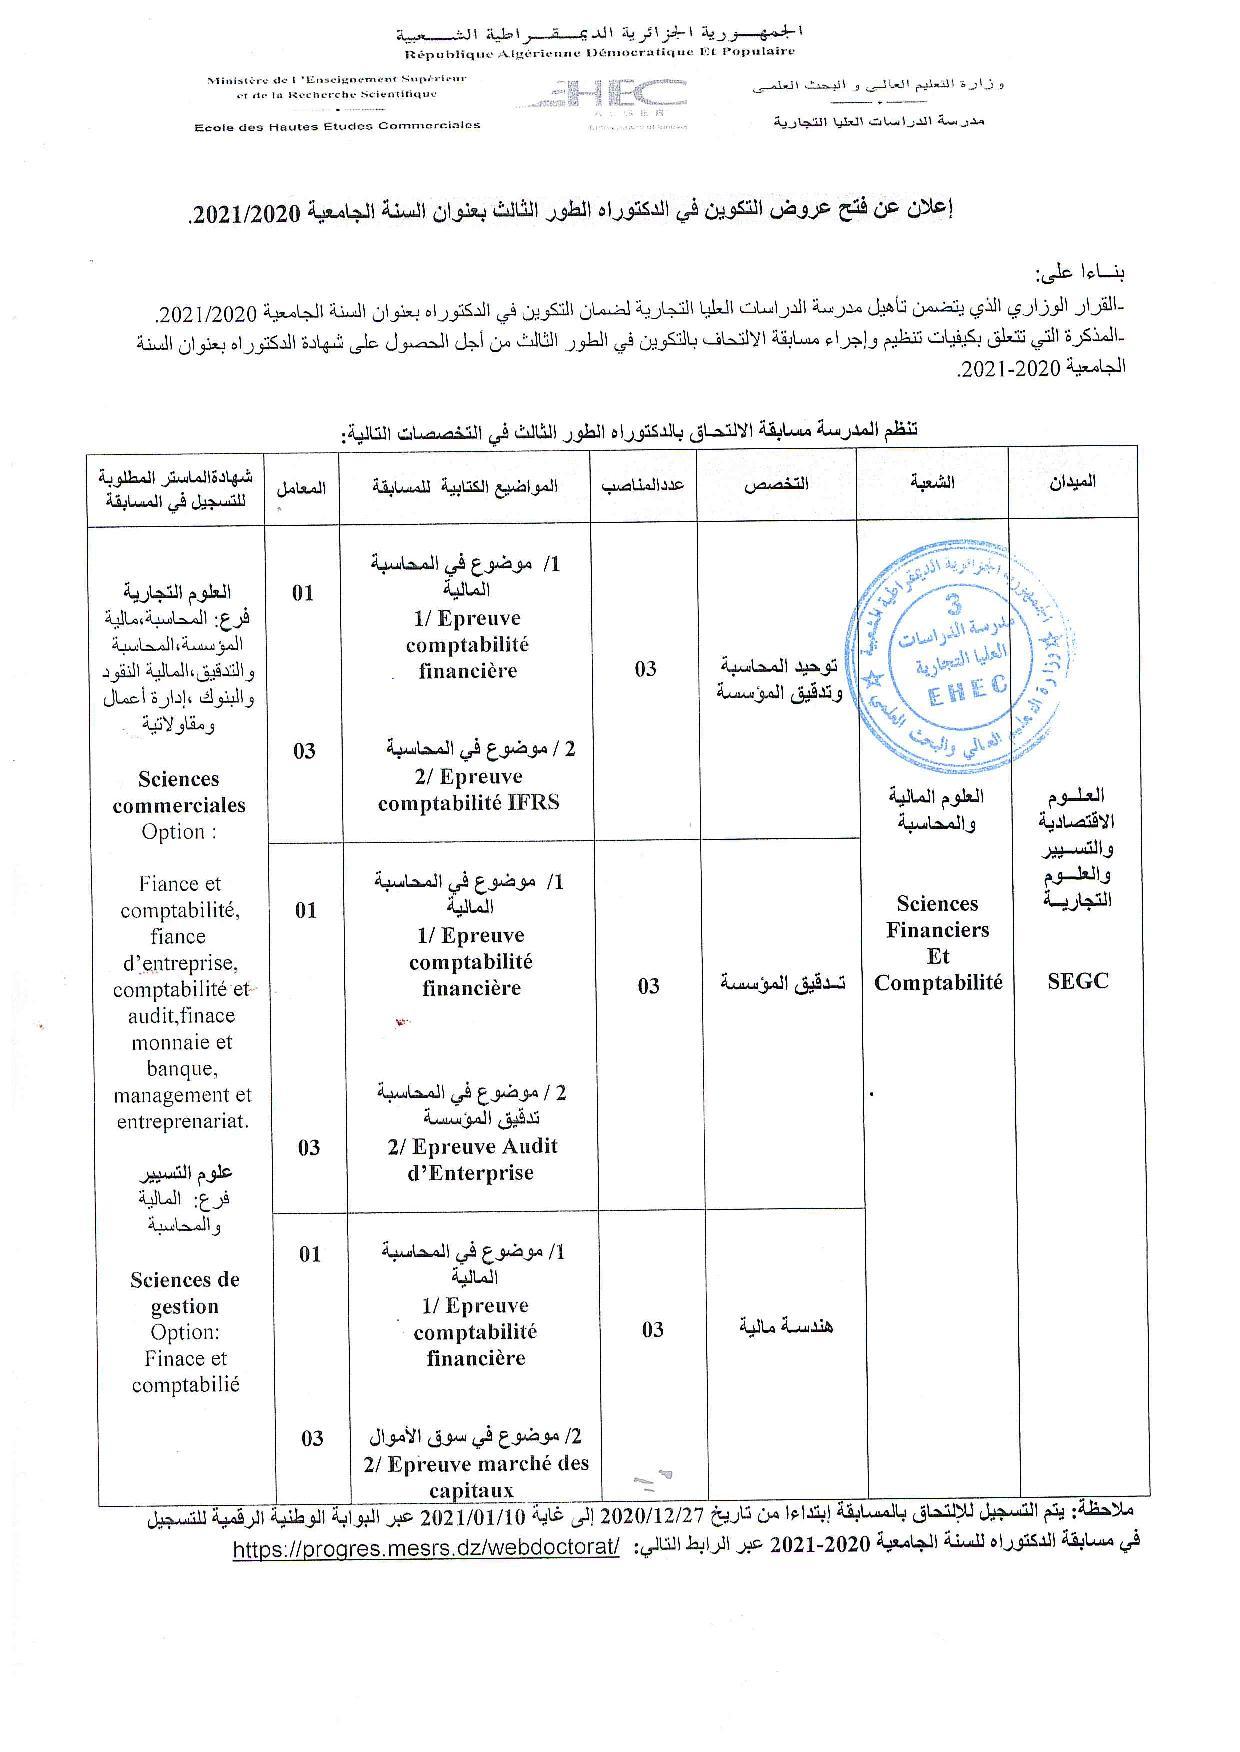 L'ouverture des offres de formation doctorale, troisième cycle, pour l'année universitaire 2020/2021